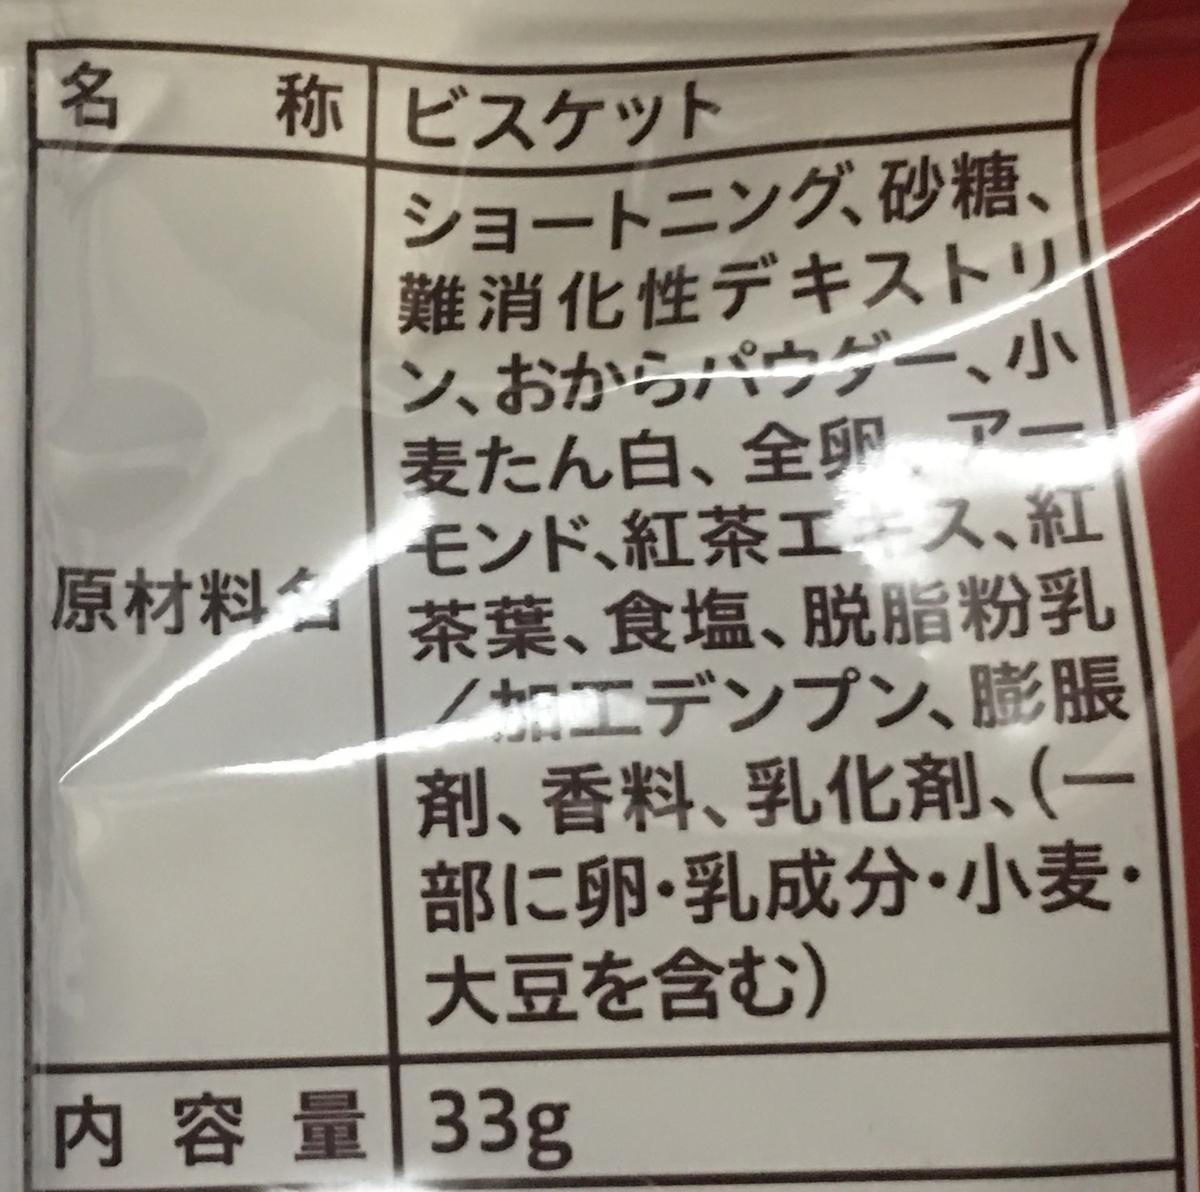 f:id:YOSHIO1010:20200611012724j:plain